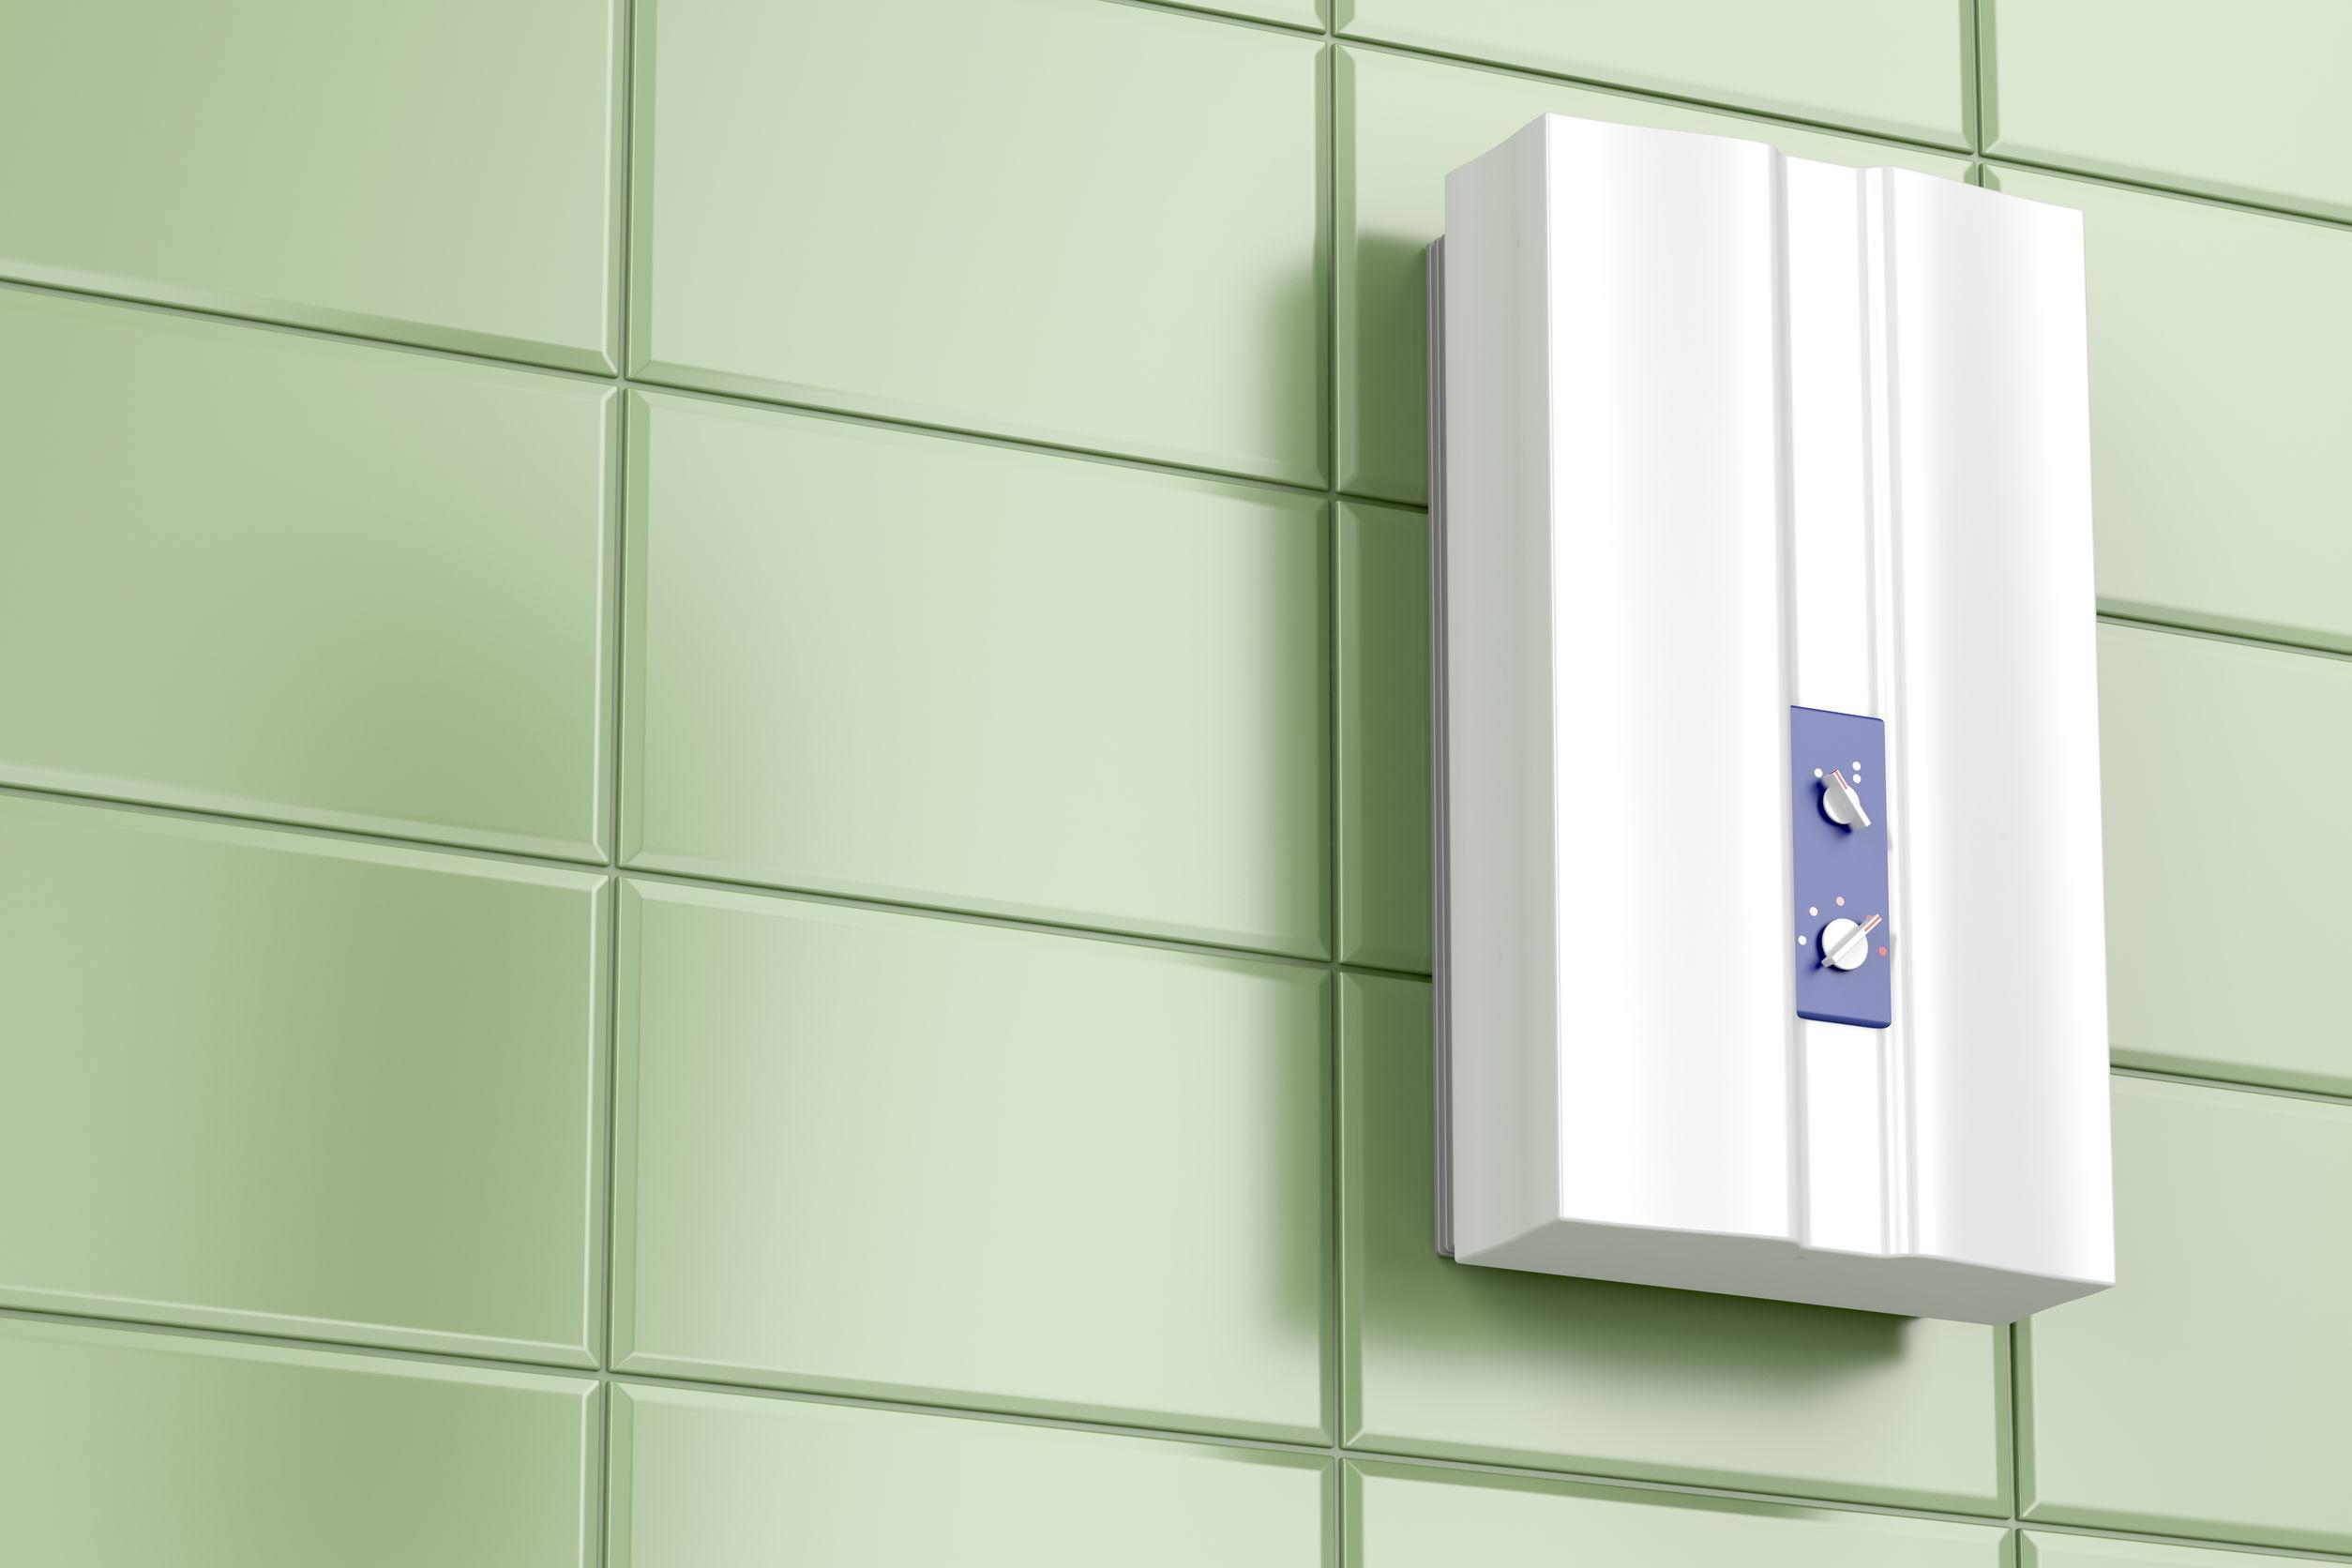 Calentador eléctrico instantáneo: ¿Cuál es el mejor del 2021?